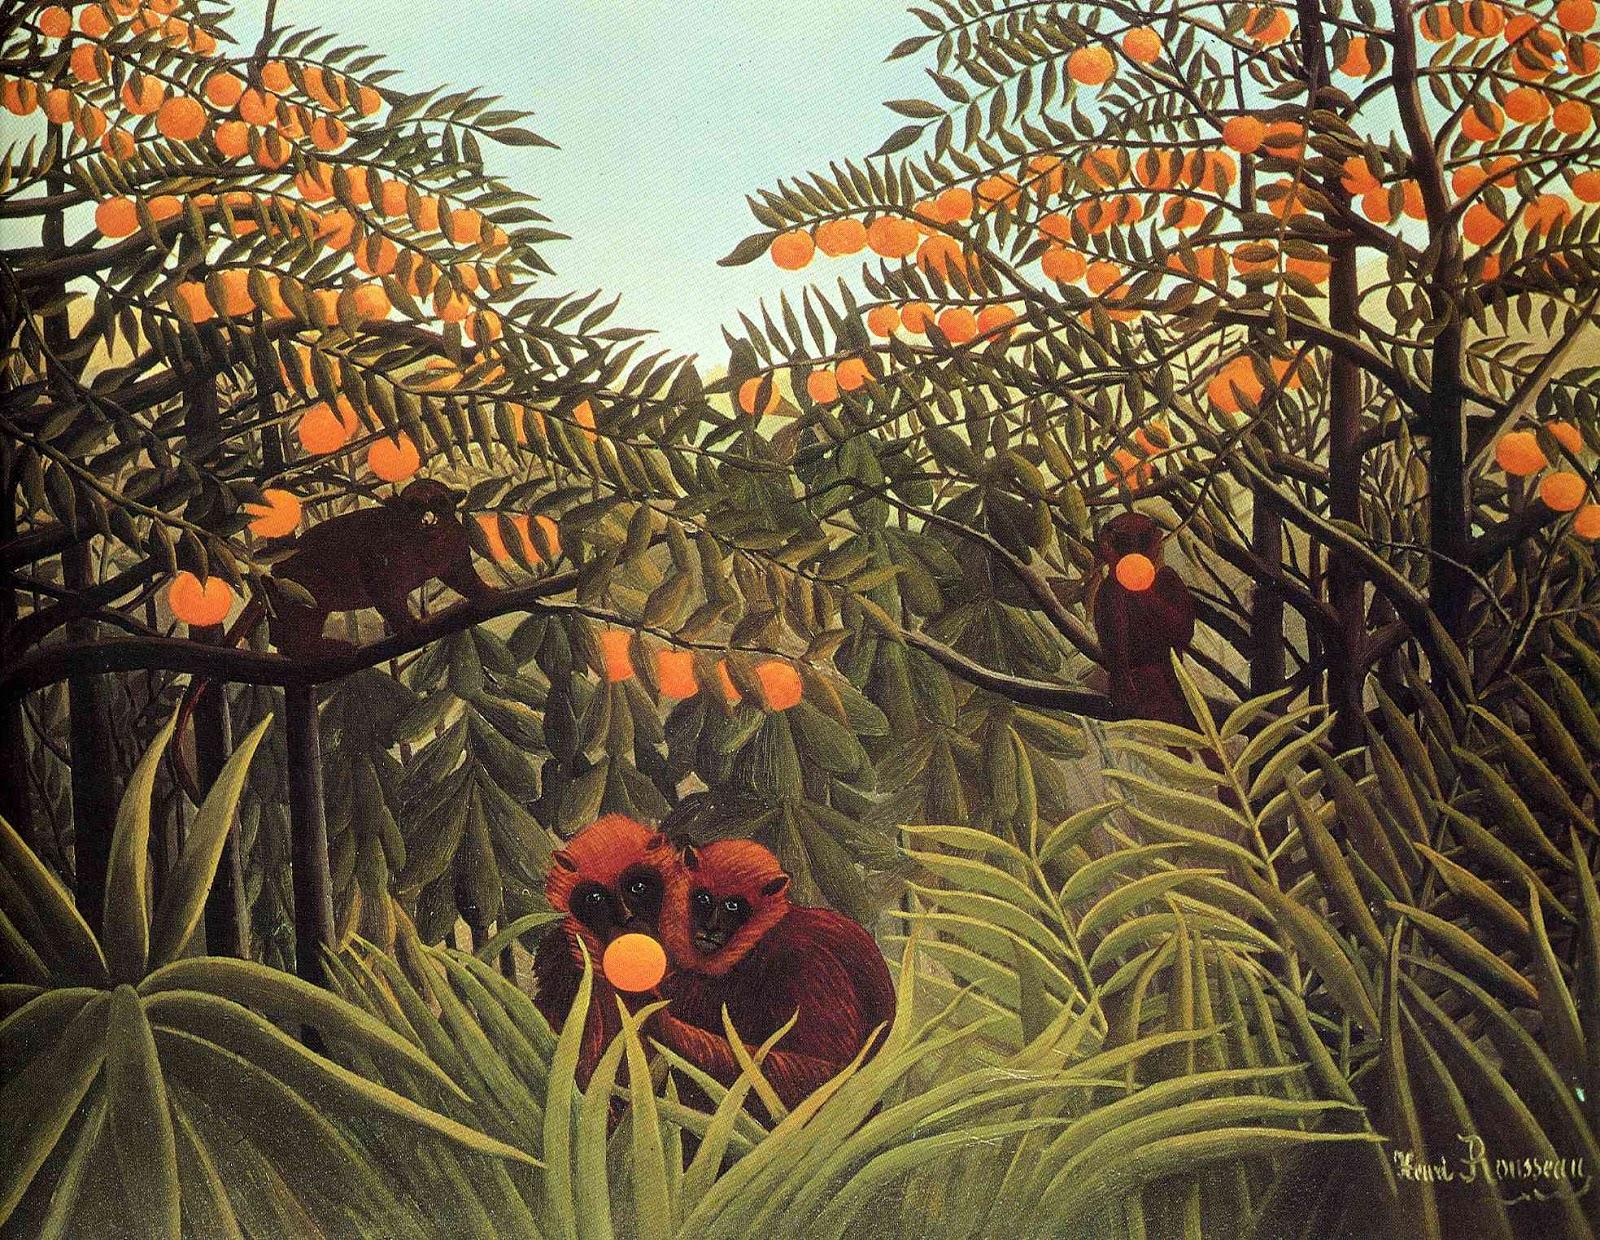 アンリ・ルソーのオレンジの茂みの猿